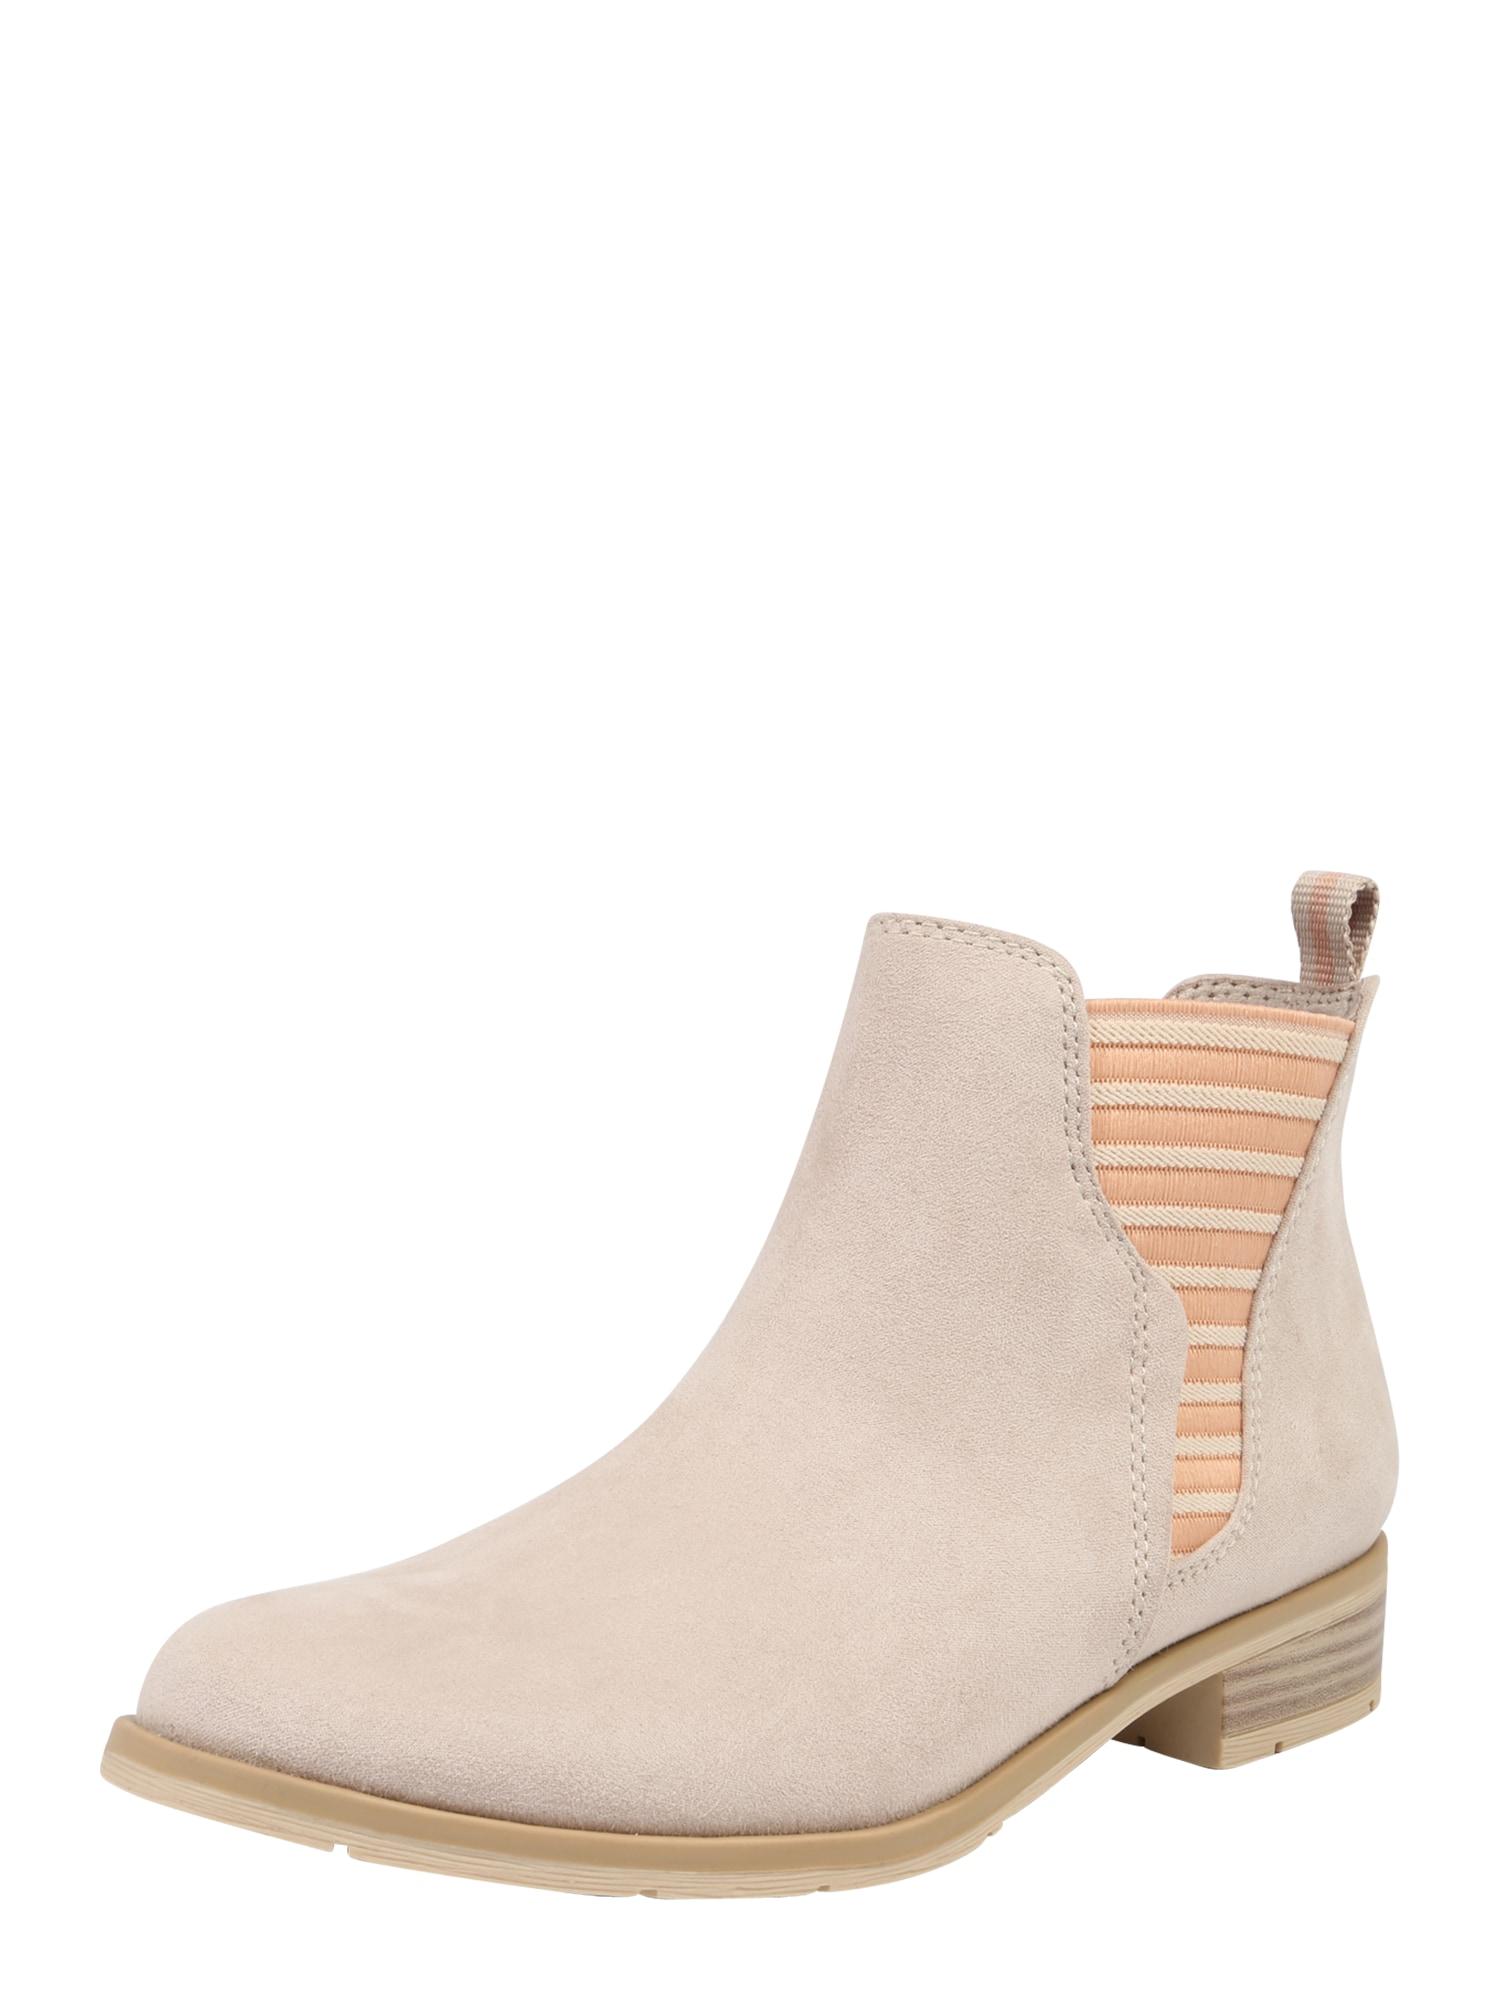 wholesale dealer 84256 521a7 AboutYou | SALE Damen MARCO TOZZI MARCO TOZZI Chelsea Boots ...